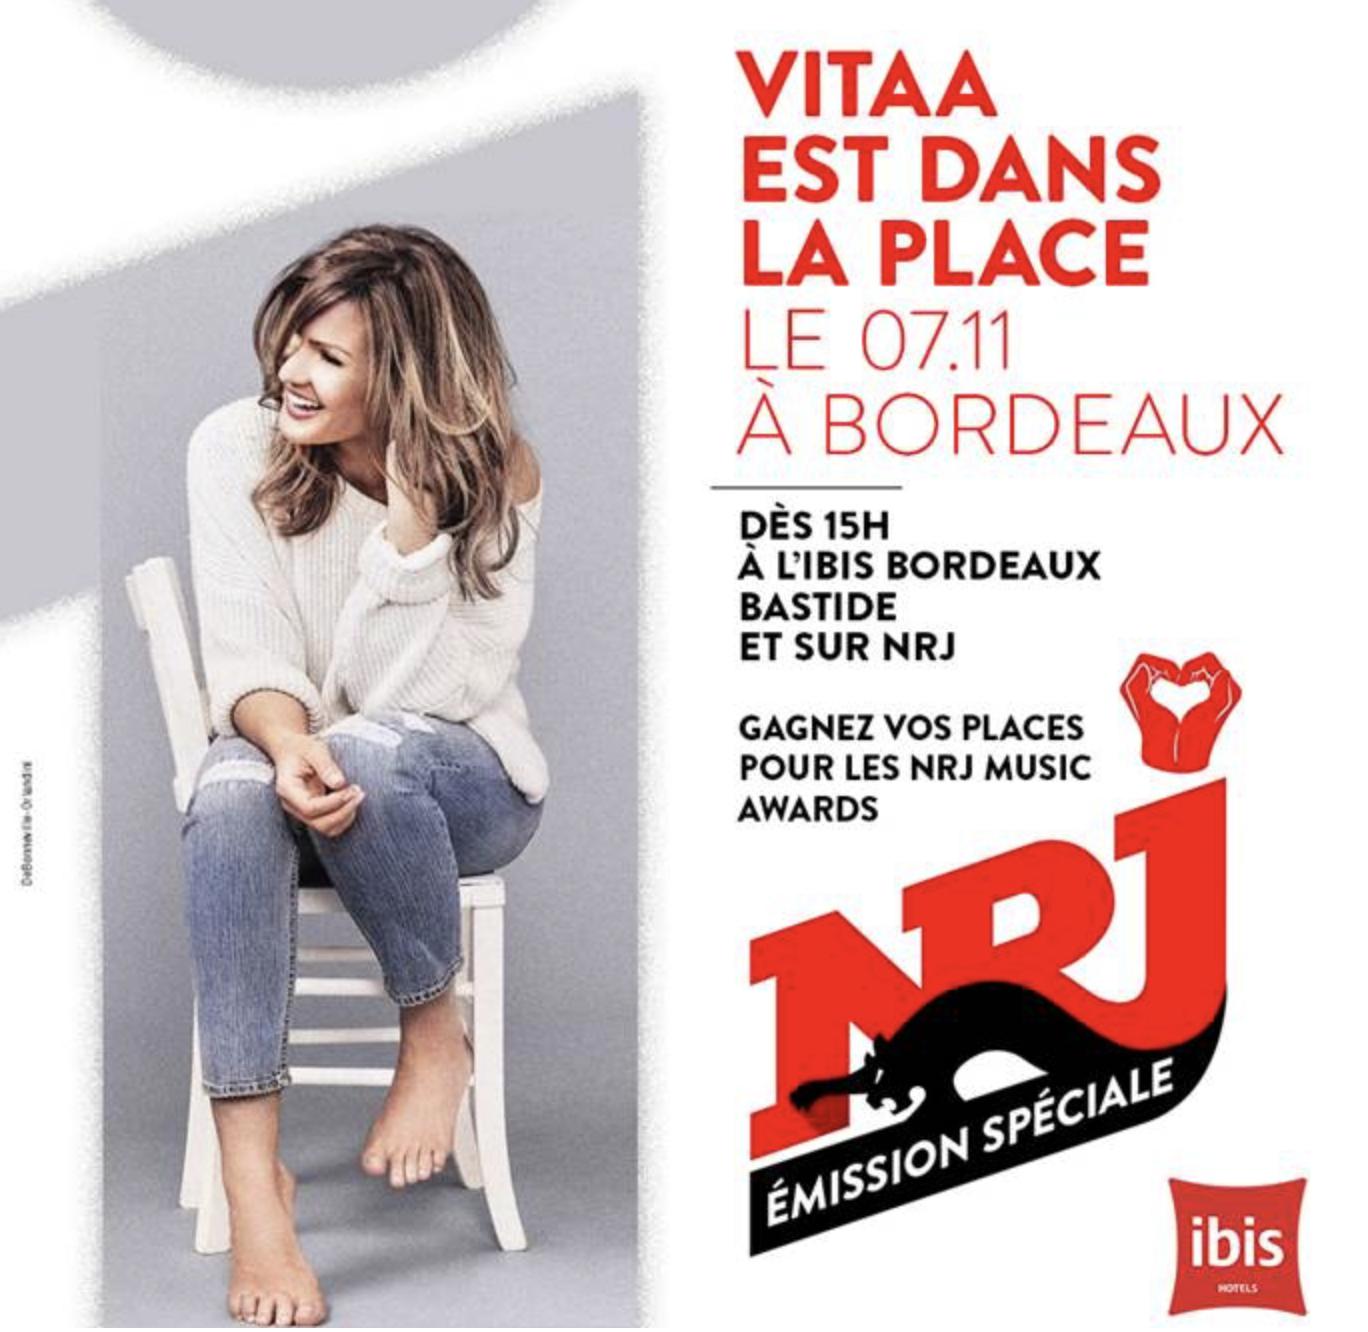 Vitaa en concert avec NRJ à Bordeaux